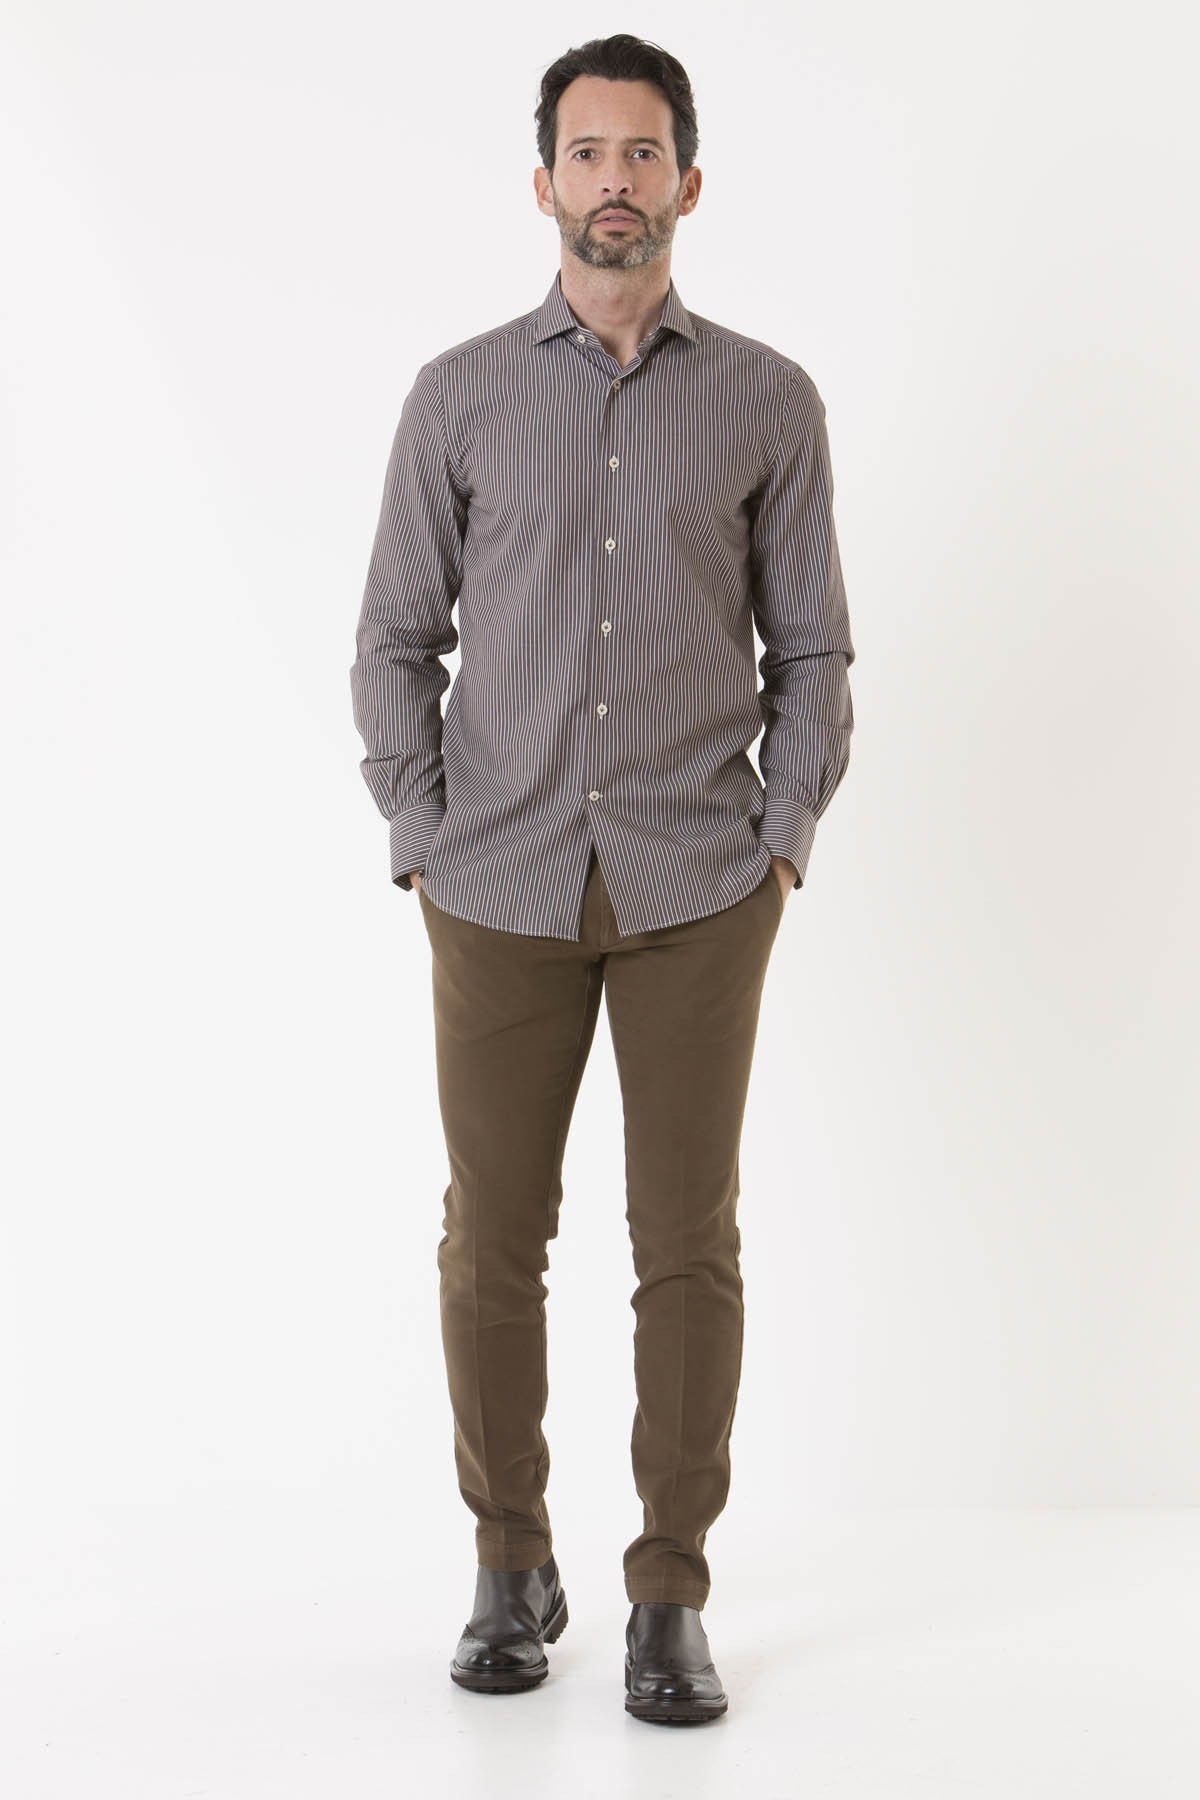 Camicia SIGMA per uomo BORSA A/I 18-19